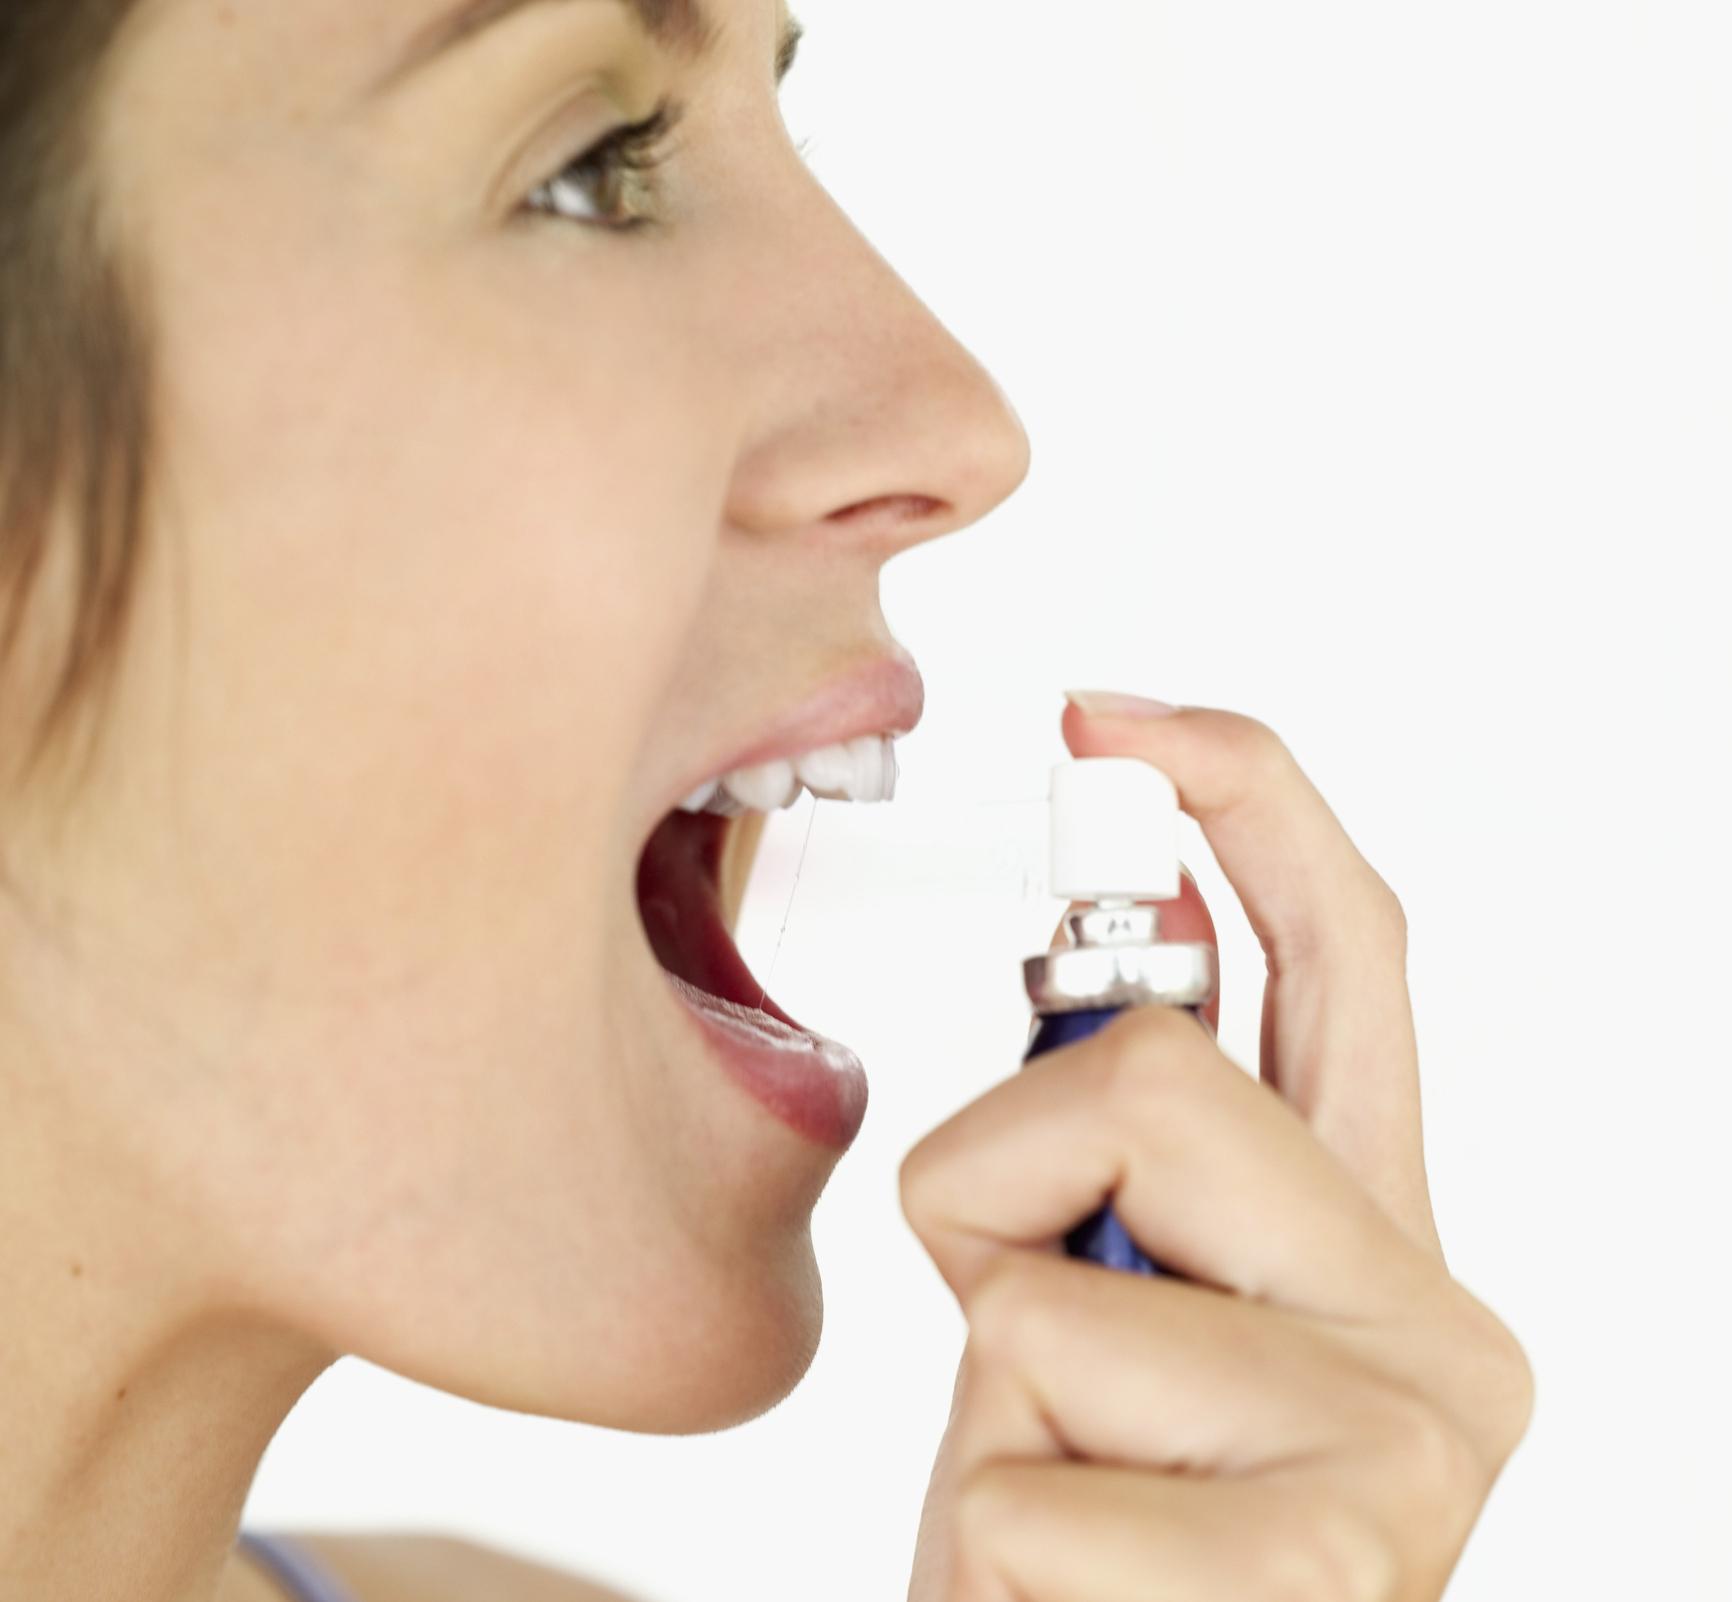 Галитоз - симптомы и лечение болезни, возможные осложнения и лекарства